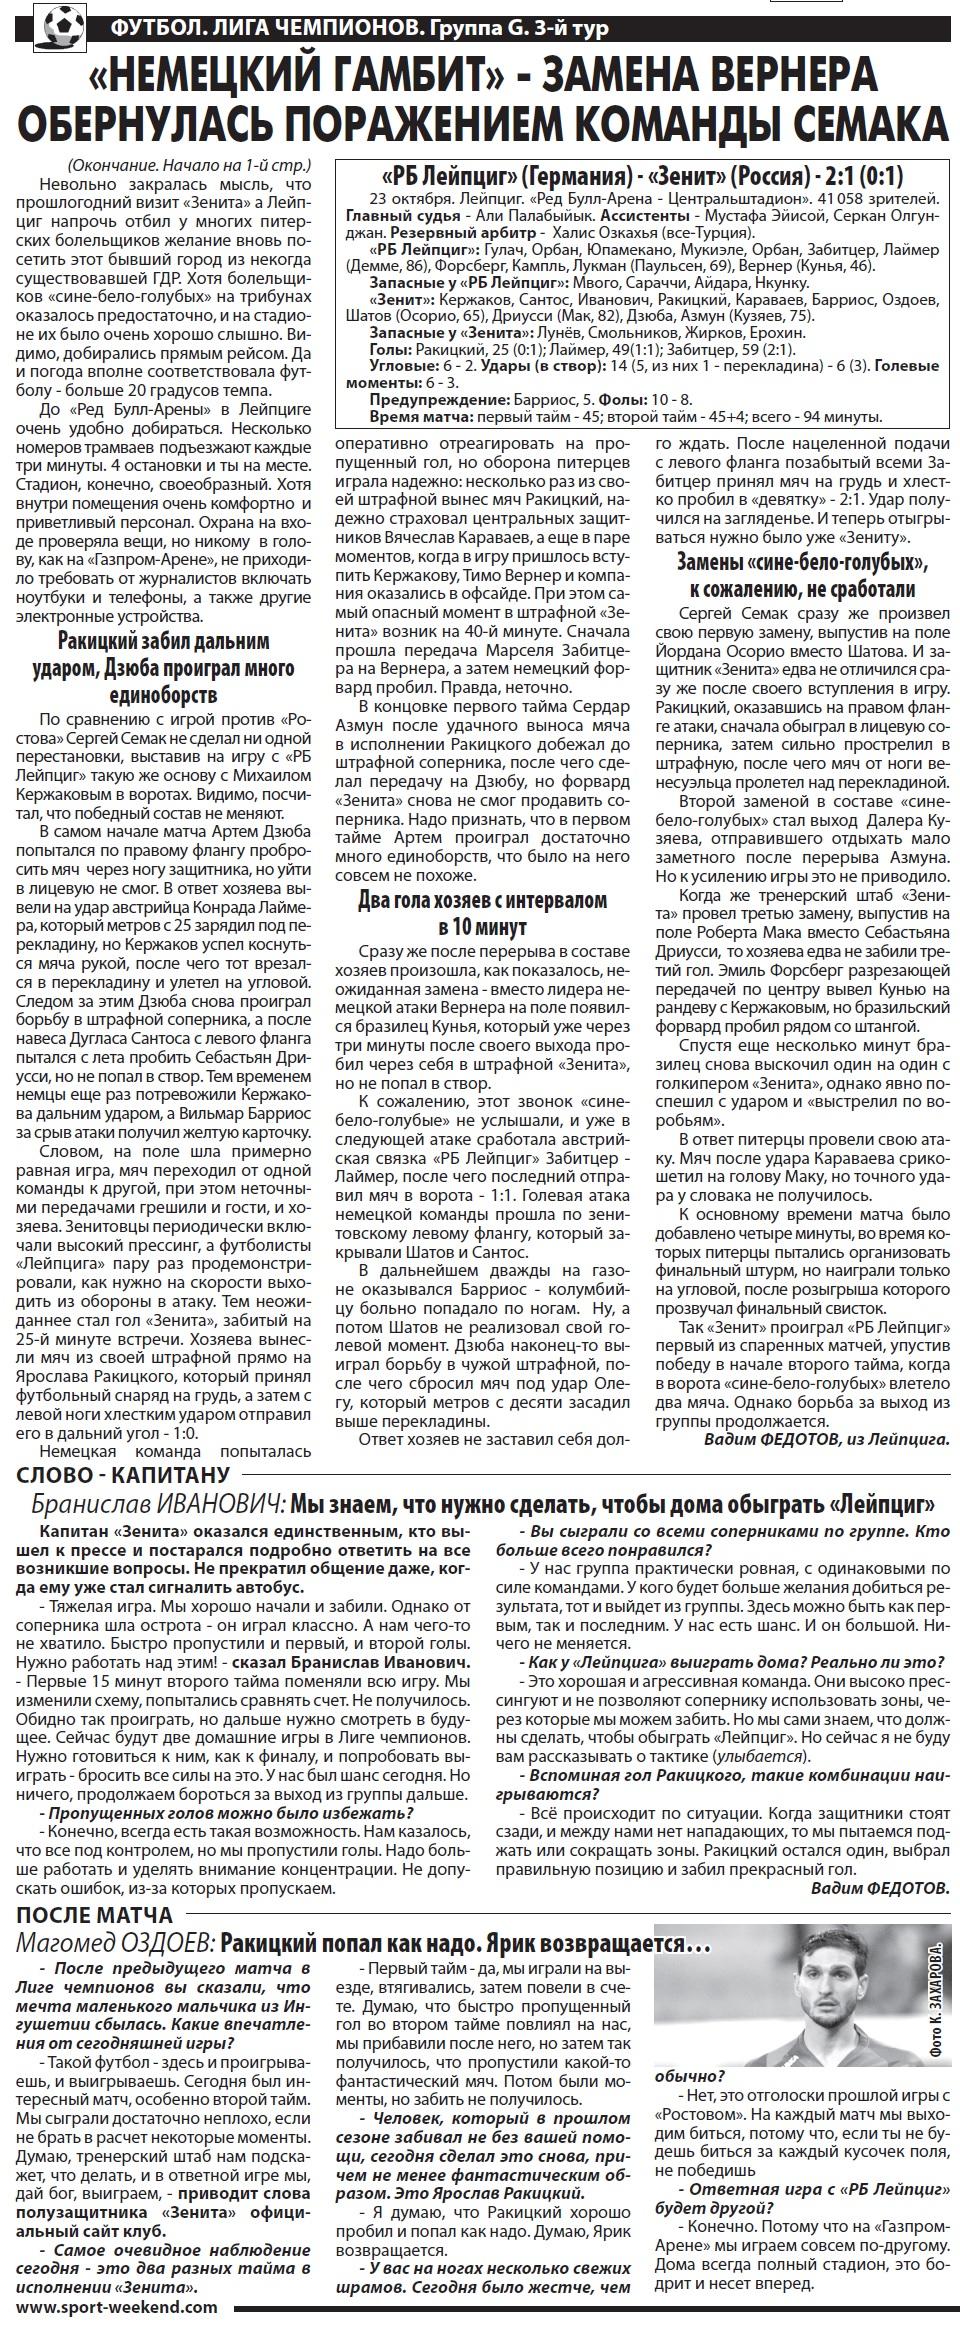 РБ Лейпциг (Германия) - Зенит (Россия) 2:1